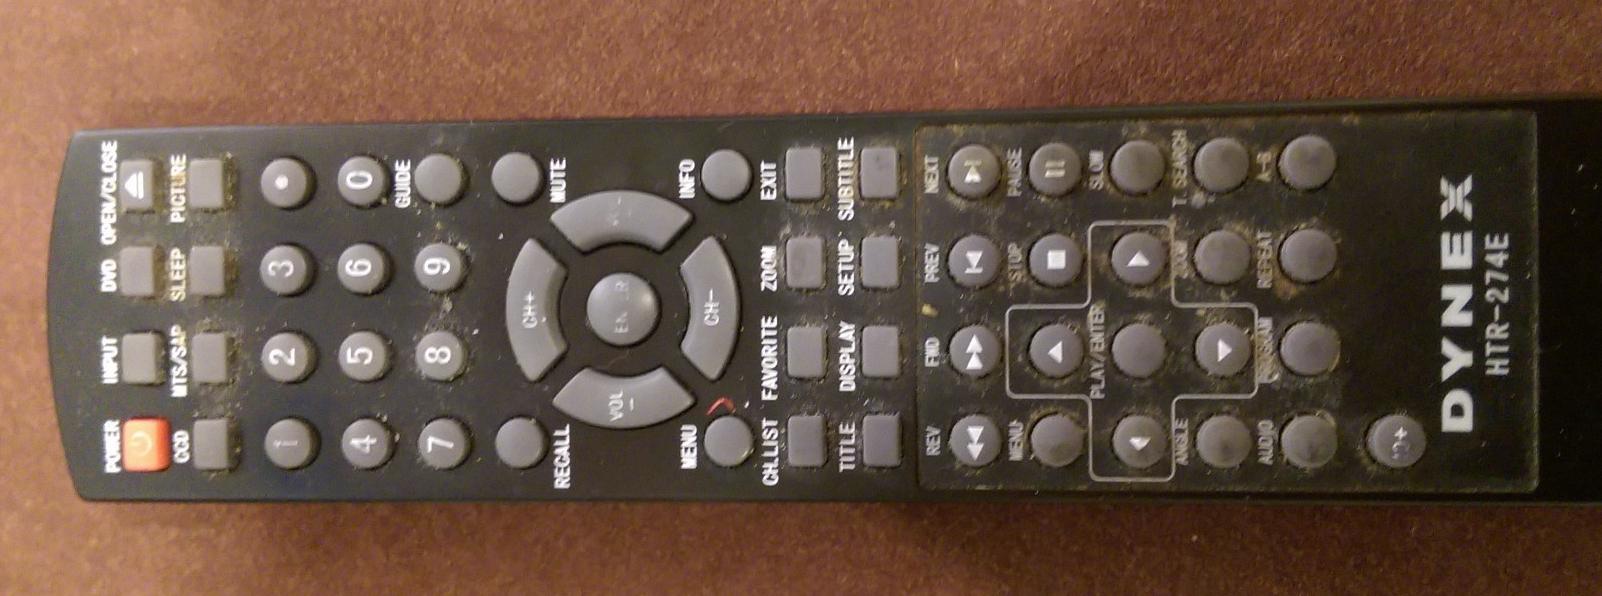 Kitchen TV Remote